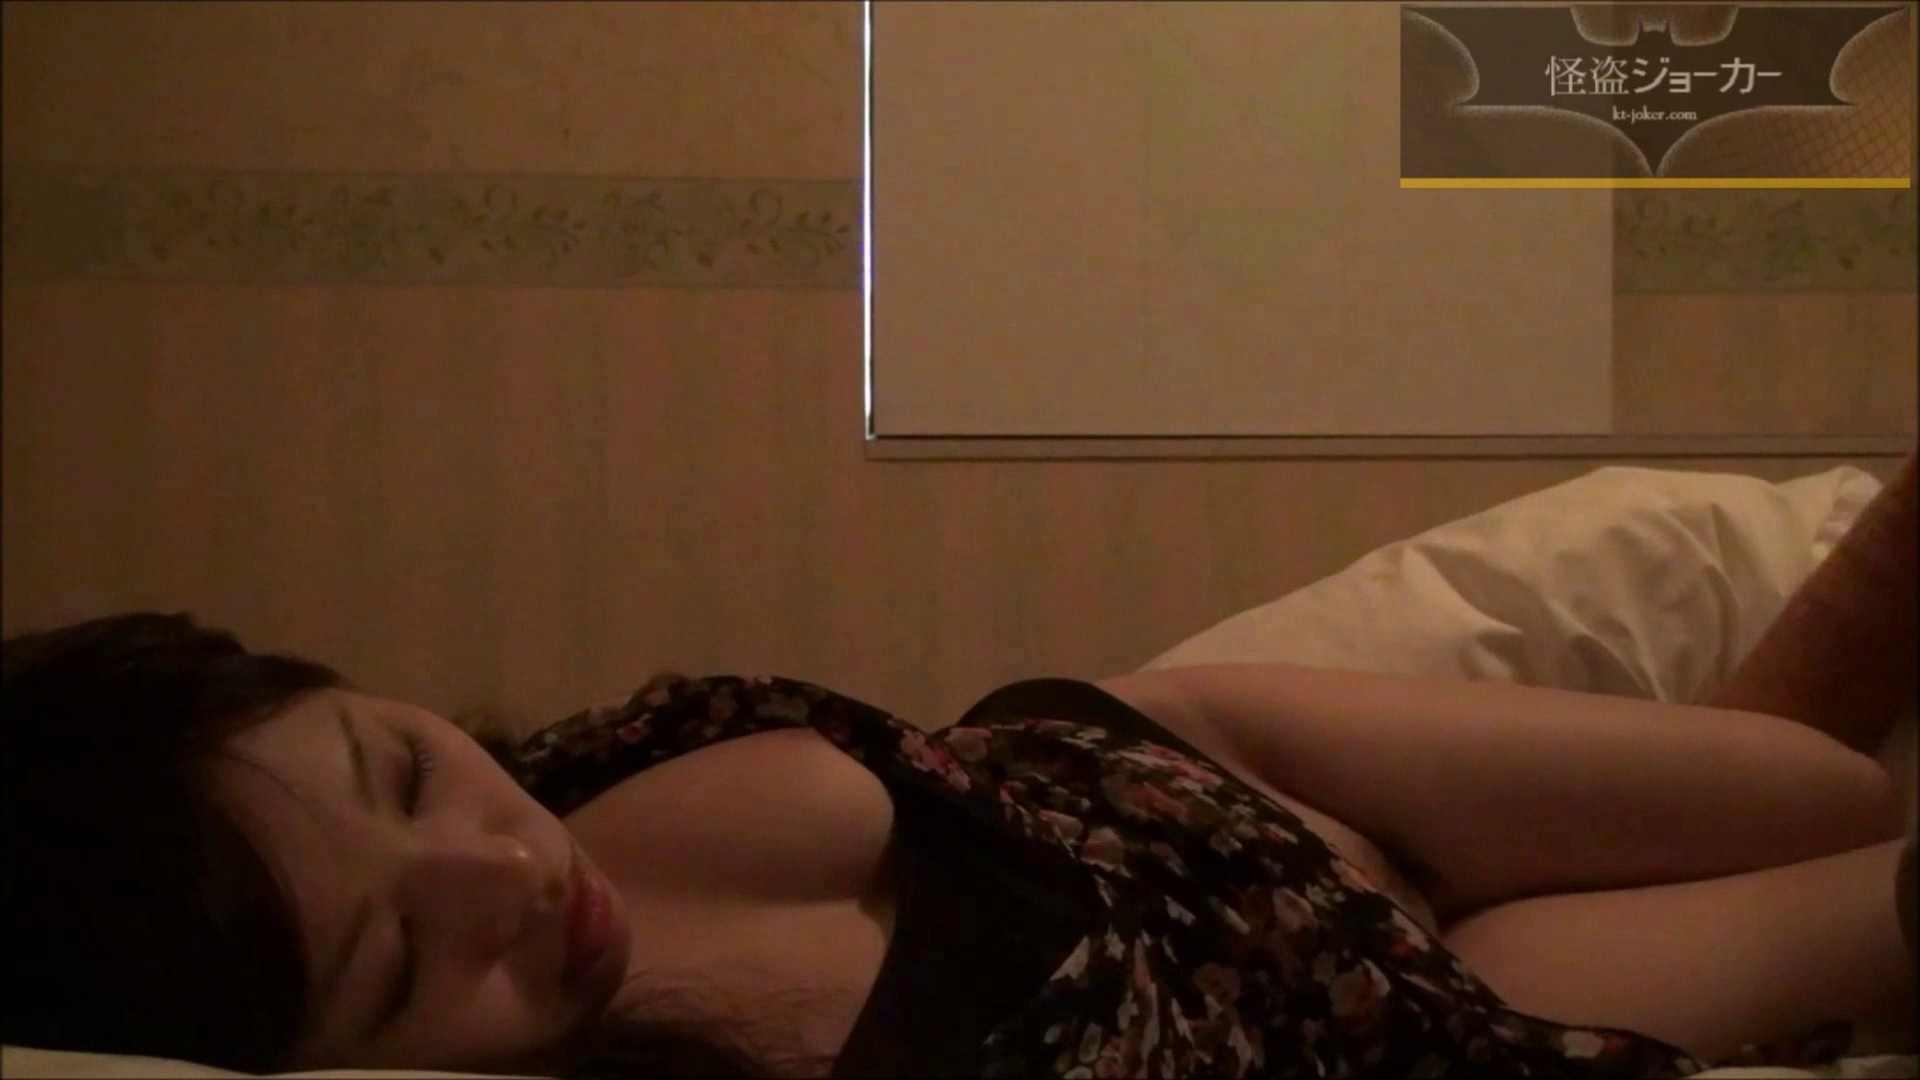 vol.17 葵の顔面にアレを押し付けてw フェラ・シーン われめAV動画紹介 107枚 65